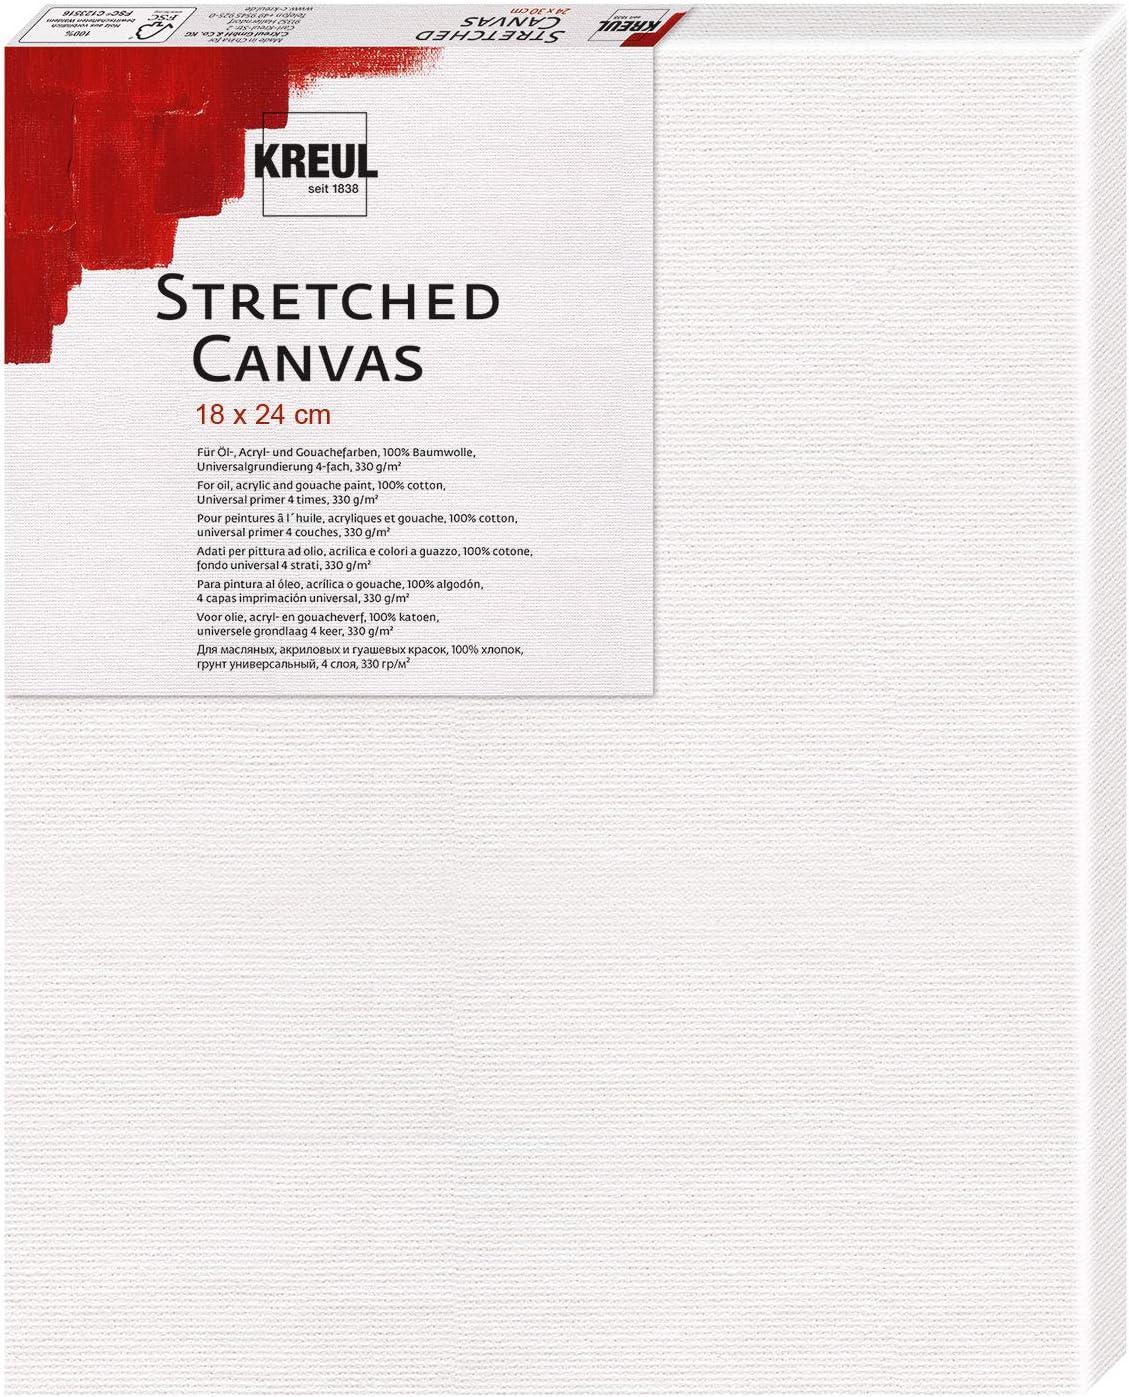 Kreul Canvas el/ásticas 18 x 24 cm Ideal acr/ílicos y gouach Bastidor de Calidad para Principiantes talla /única Color Blanco Lienzo de algod/ón 4 Capas imprimadas Aprox